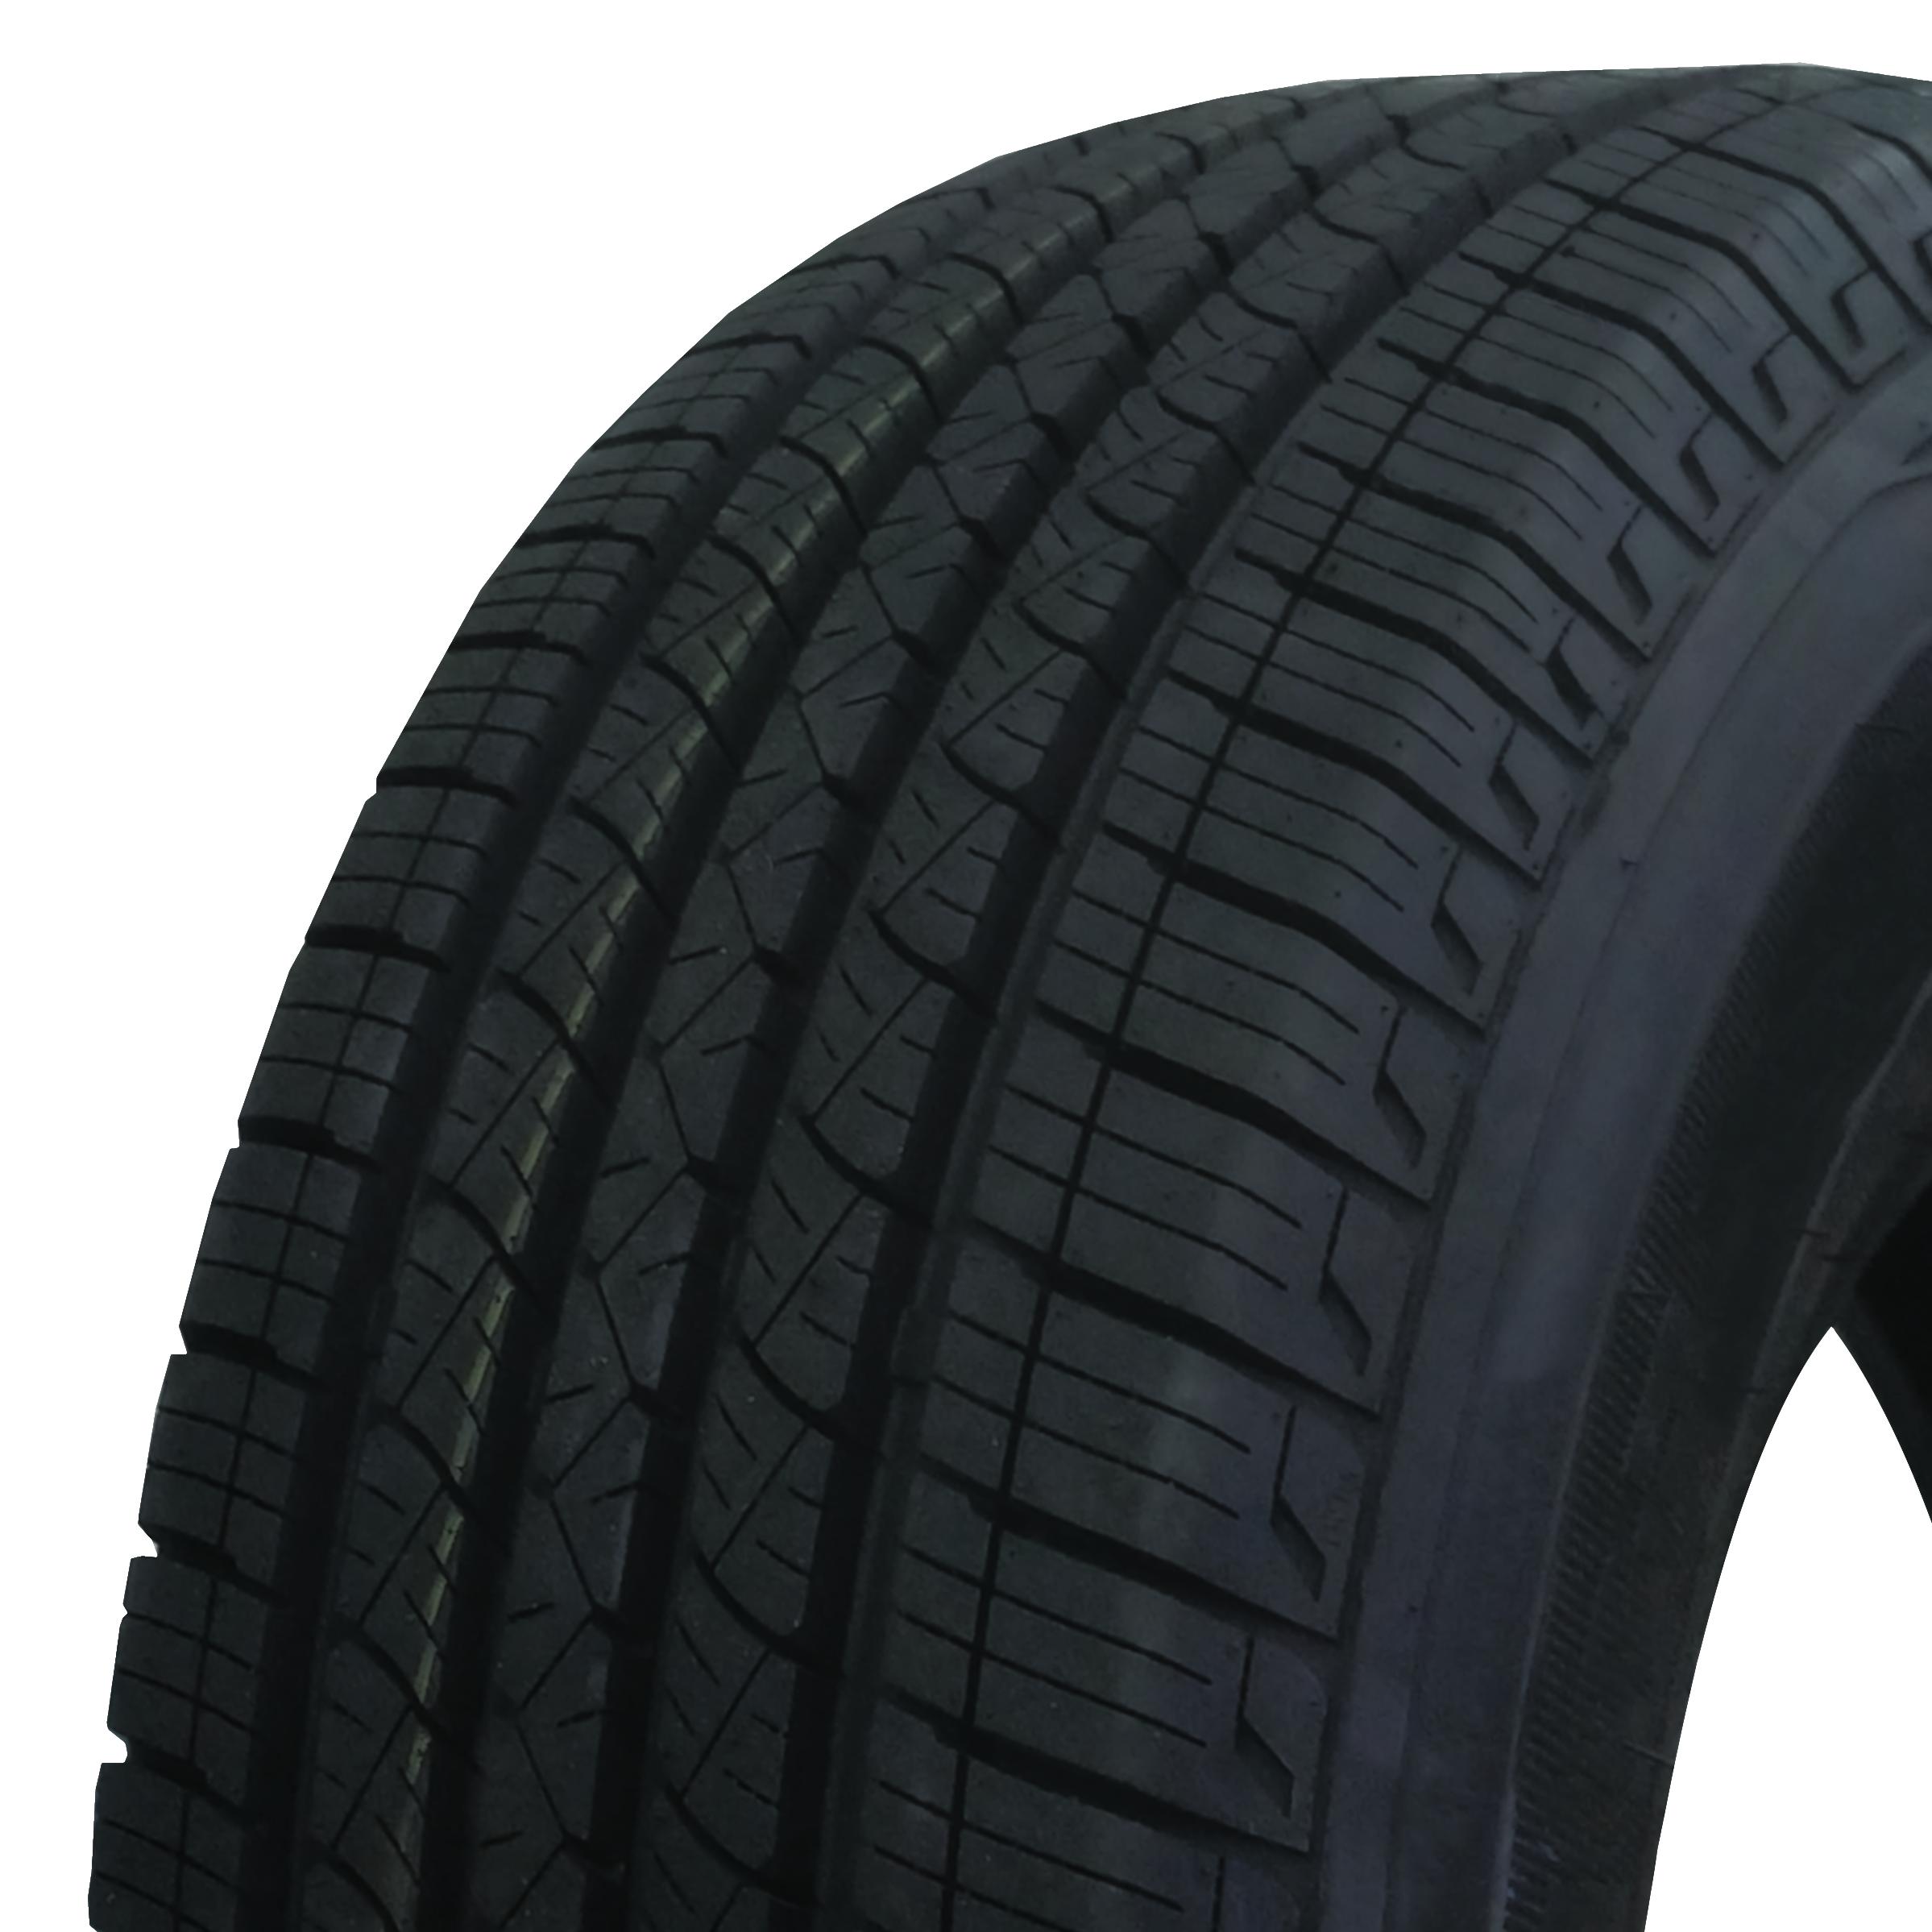 Saffiro Tires MaxTrac HT Tires   California Wheels